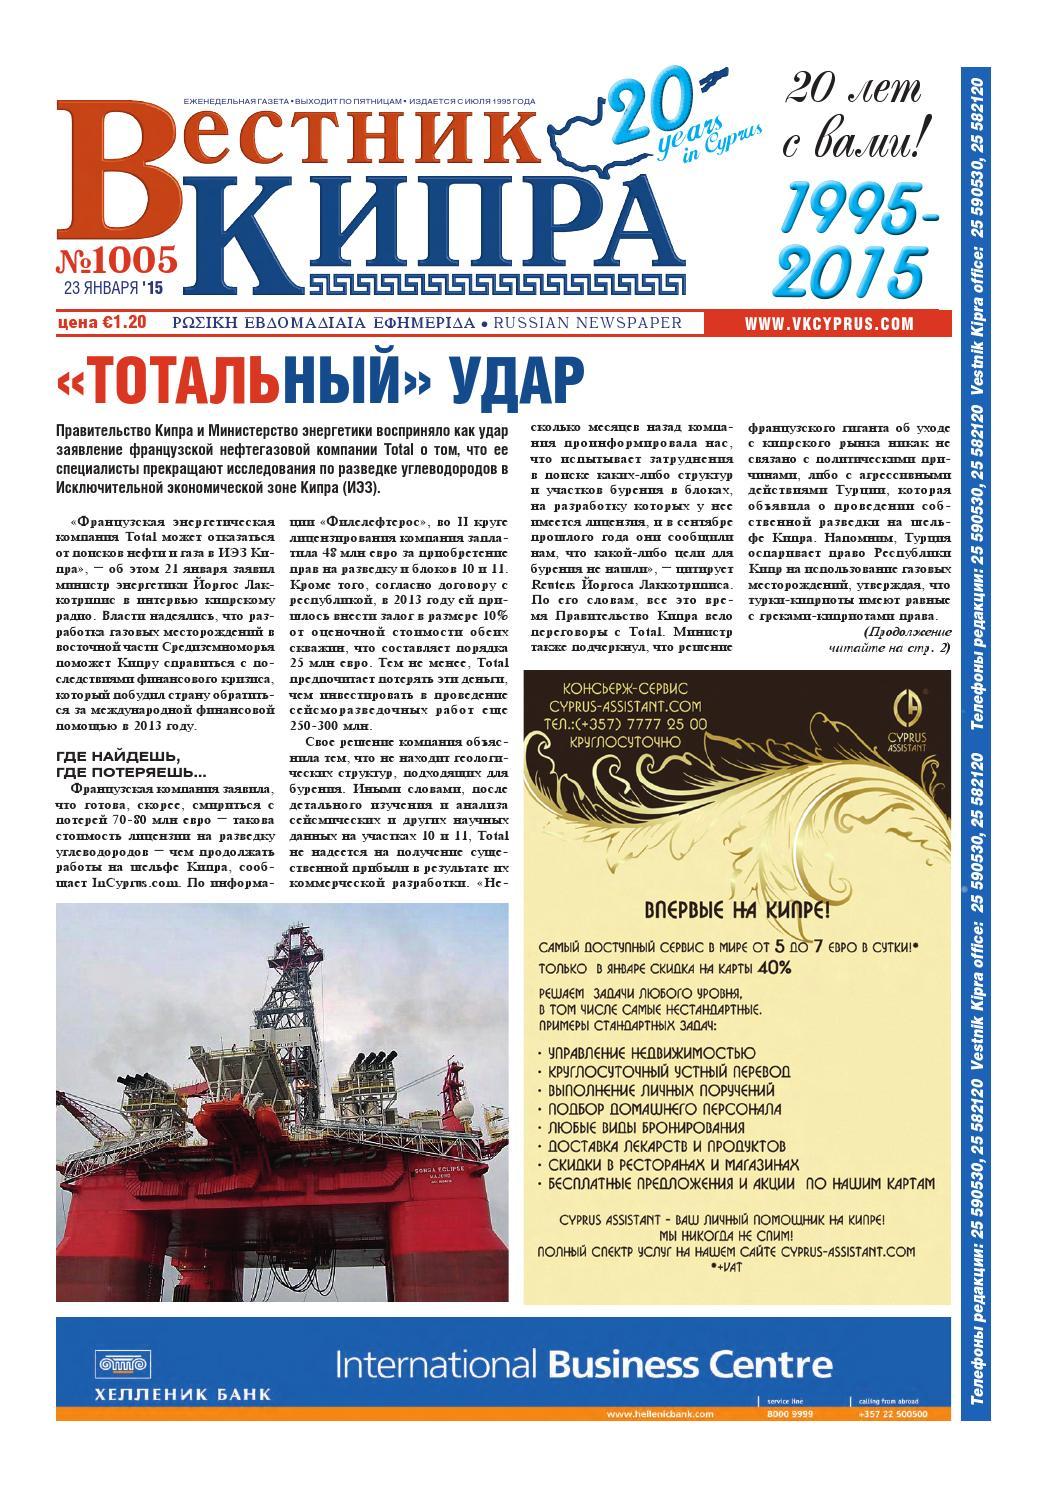 Вестник Кипра №1005 by Вестник Кипра - issuu